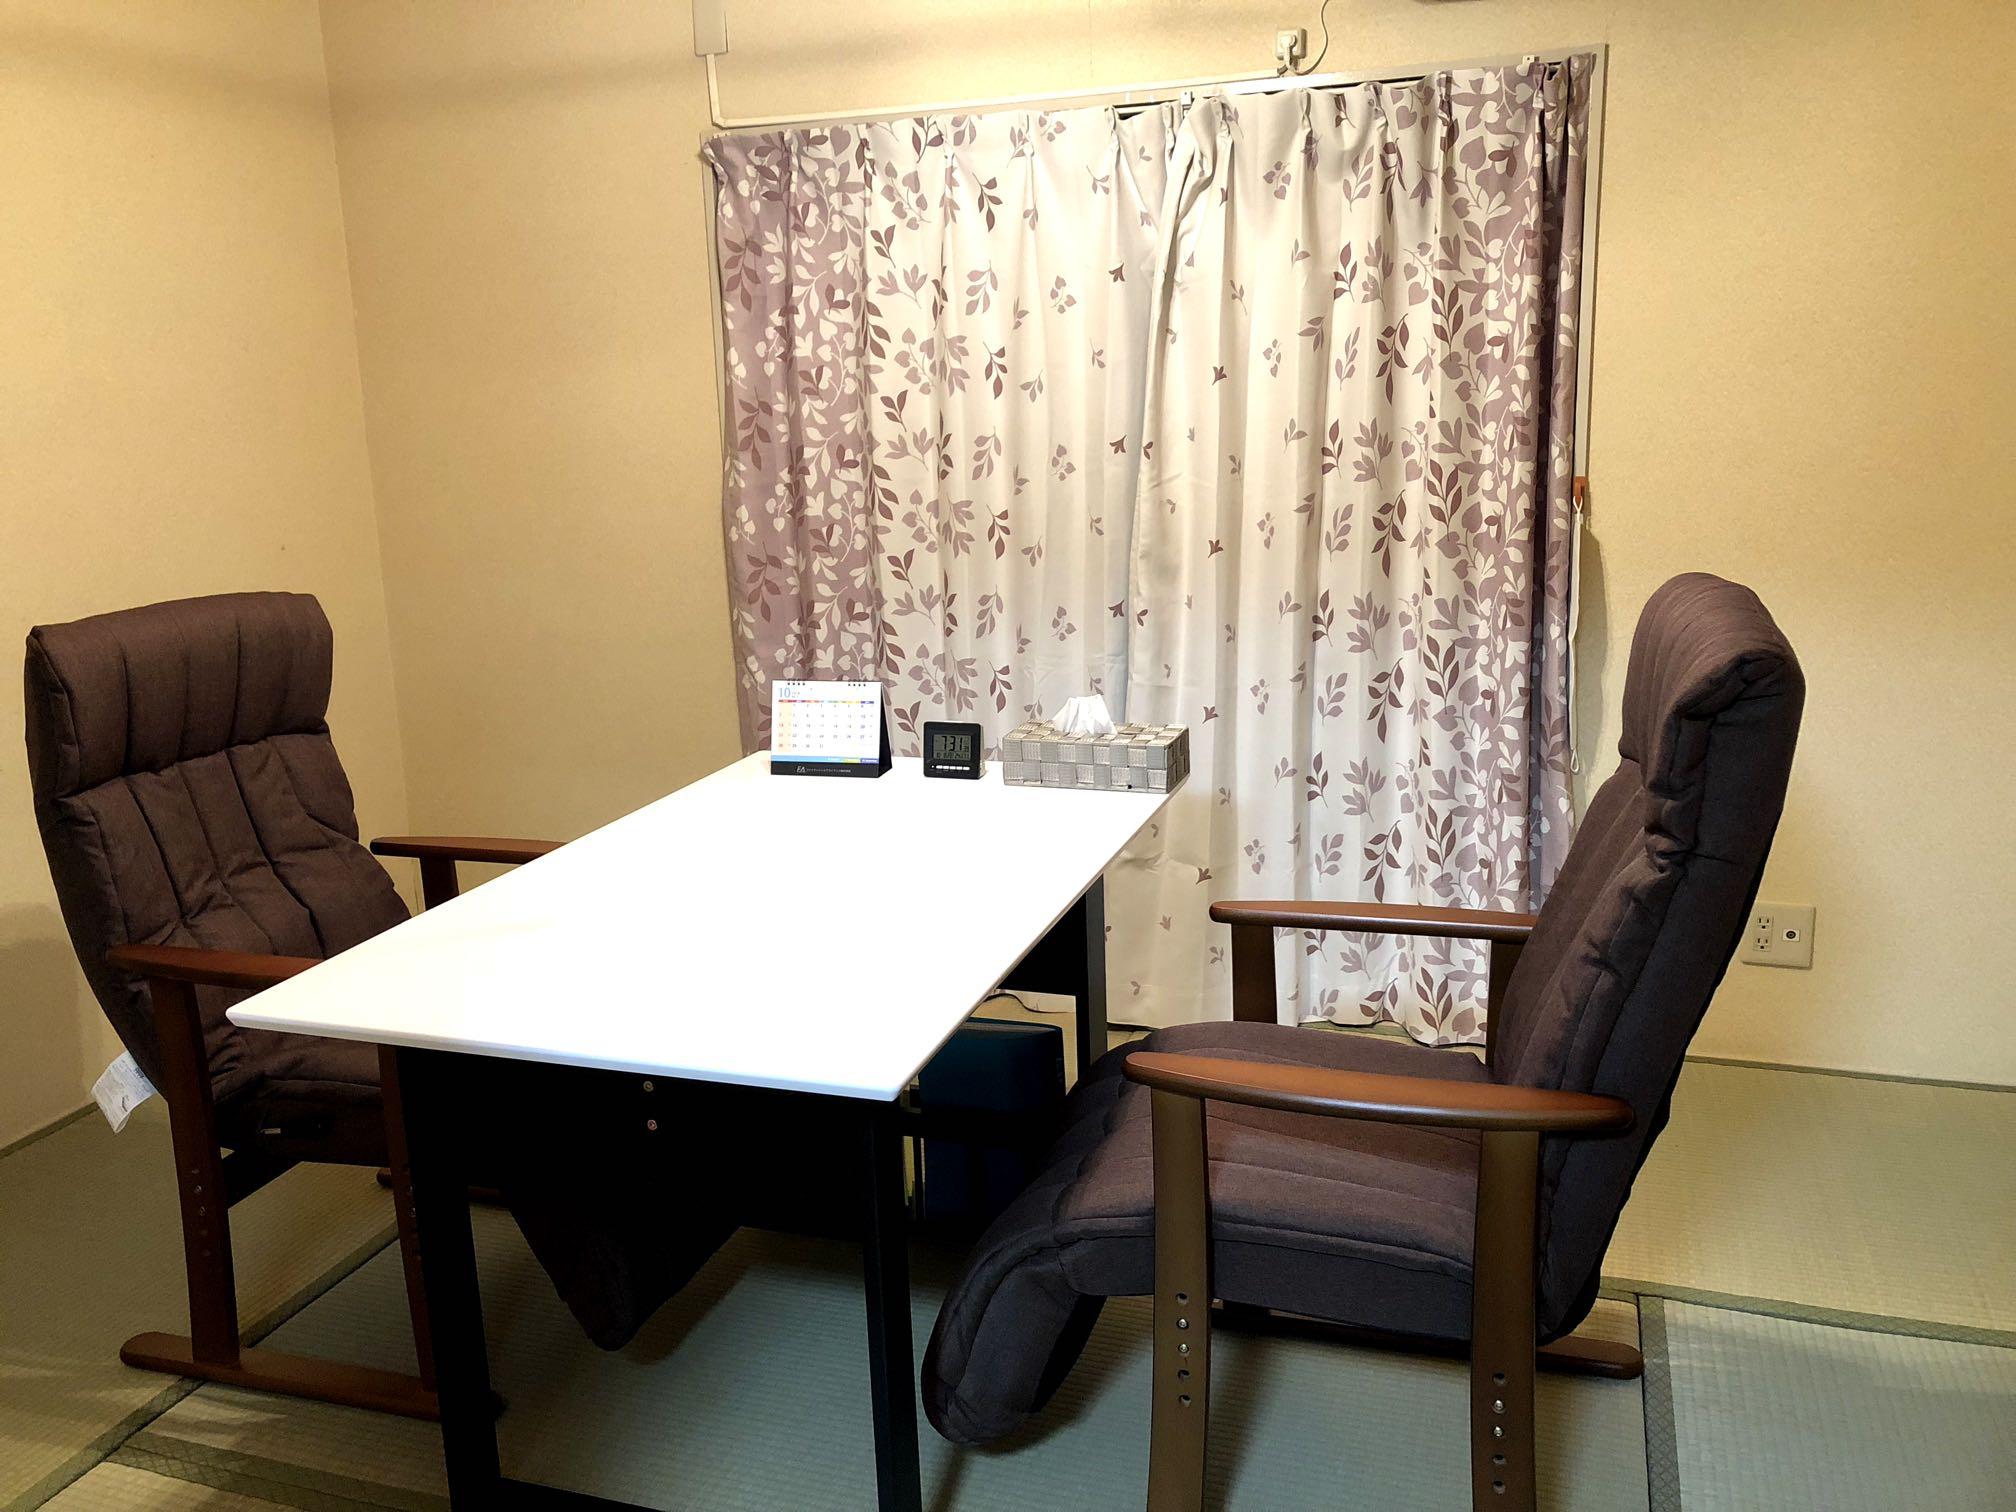 【高槻オフィス】室内の様子 1F相談室